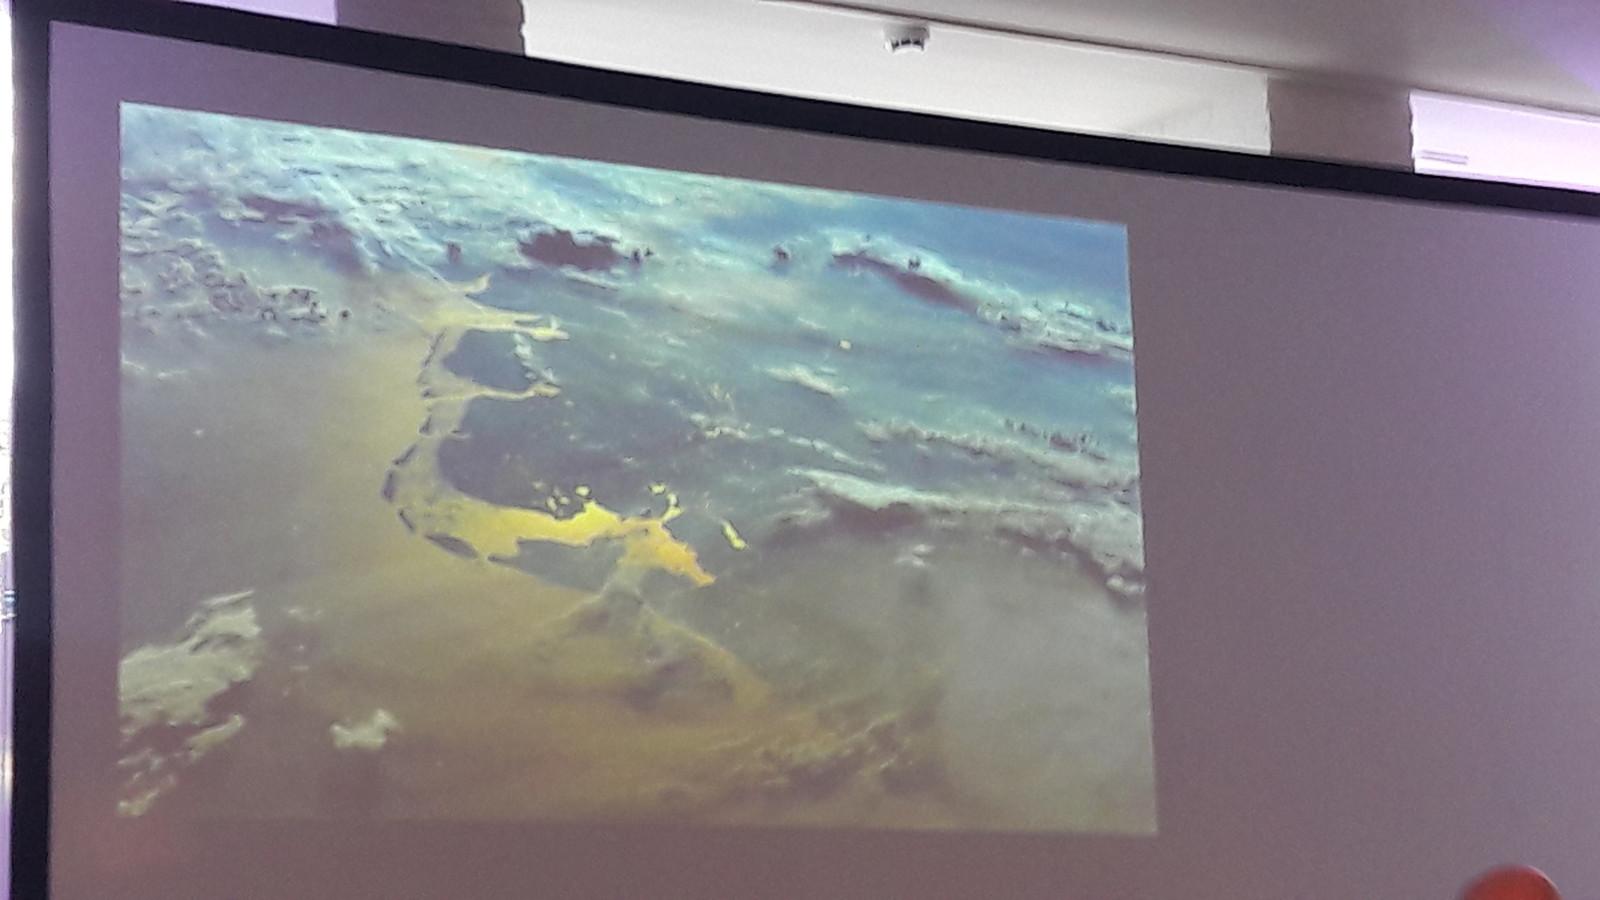 Nederland gezien vanuit het ISS.